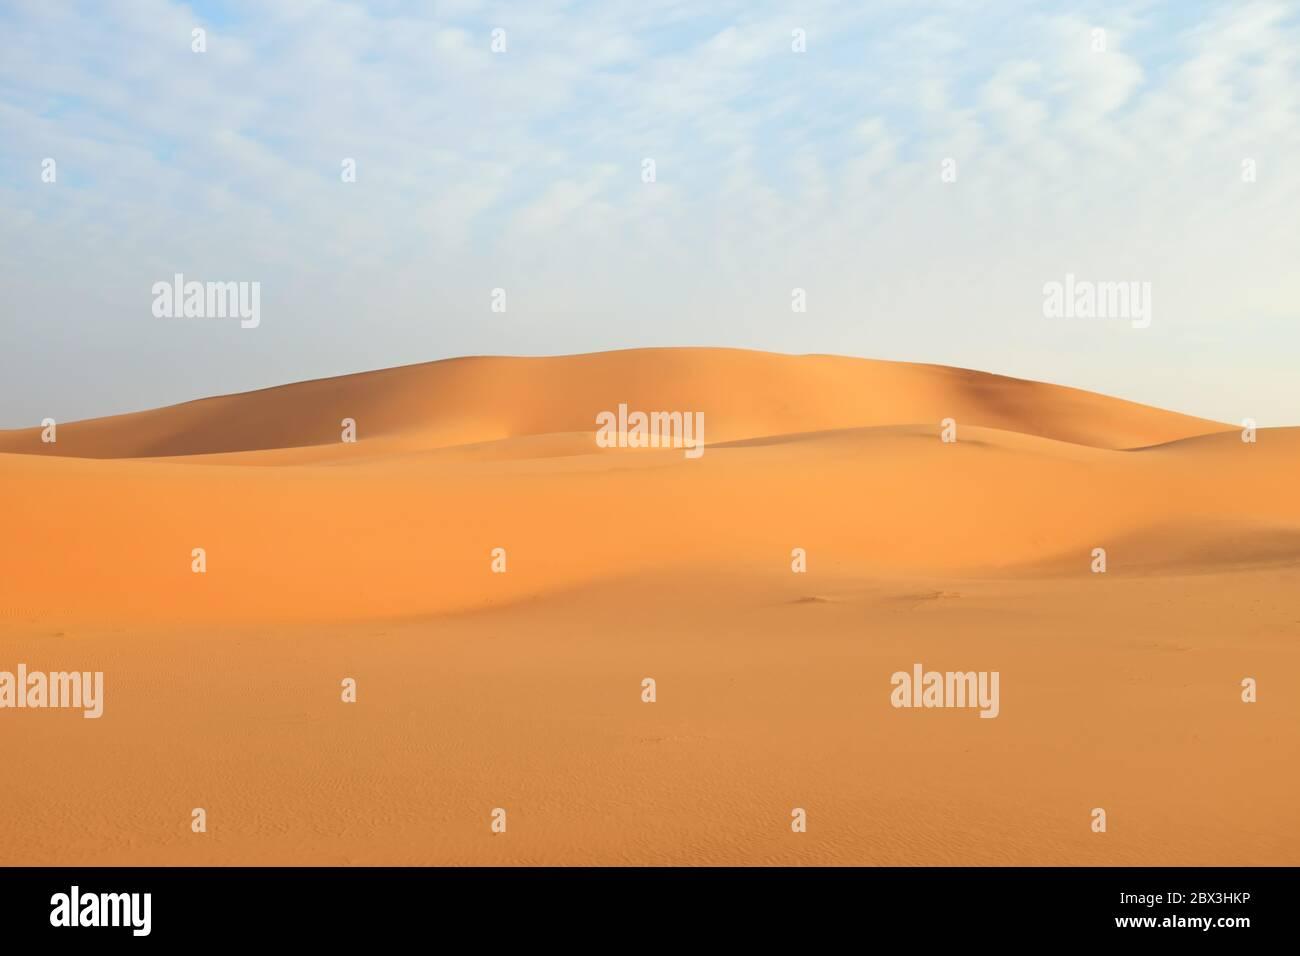 Dunes de sable orange vif dans le désert d'Al Dahna, Riyad, Arabie Saoudite. Banque D'Images